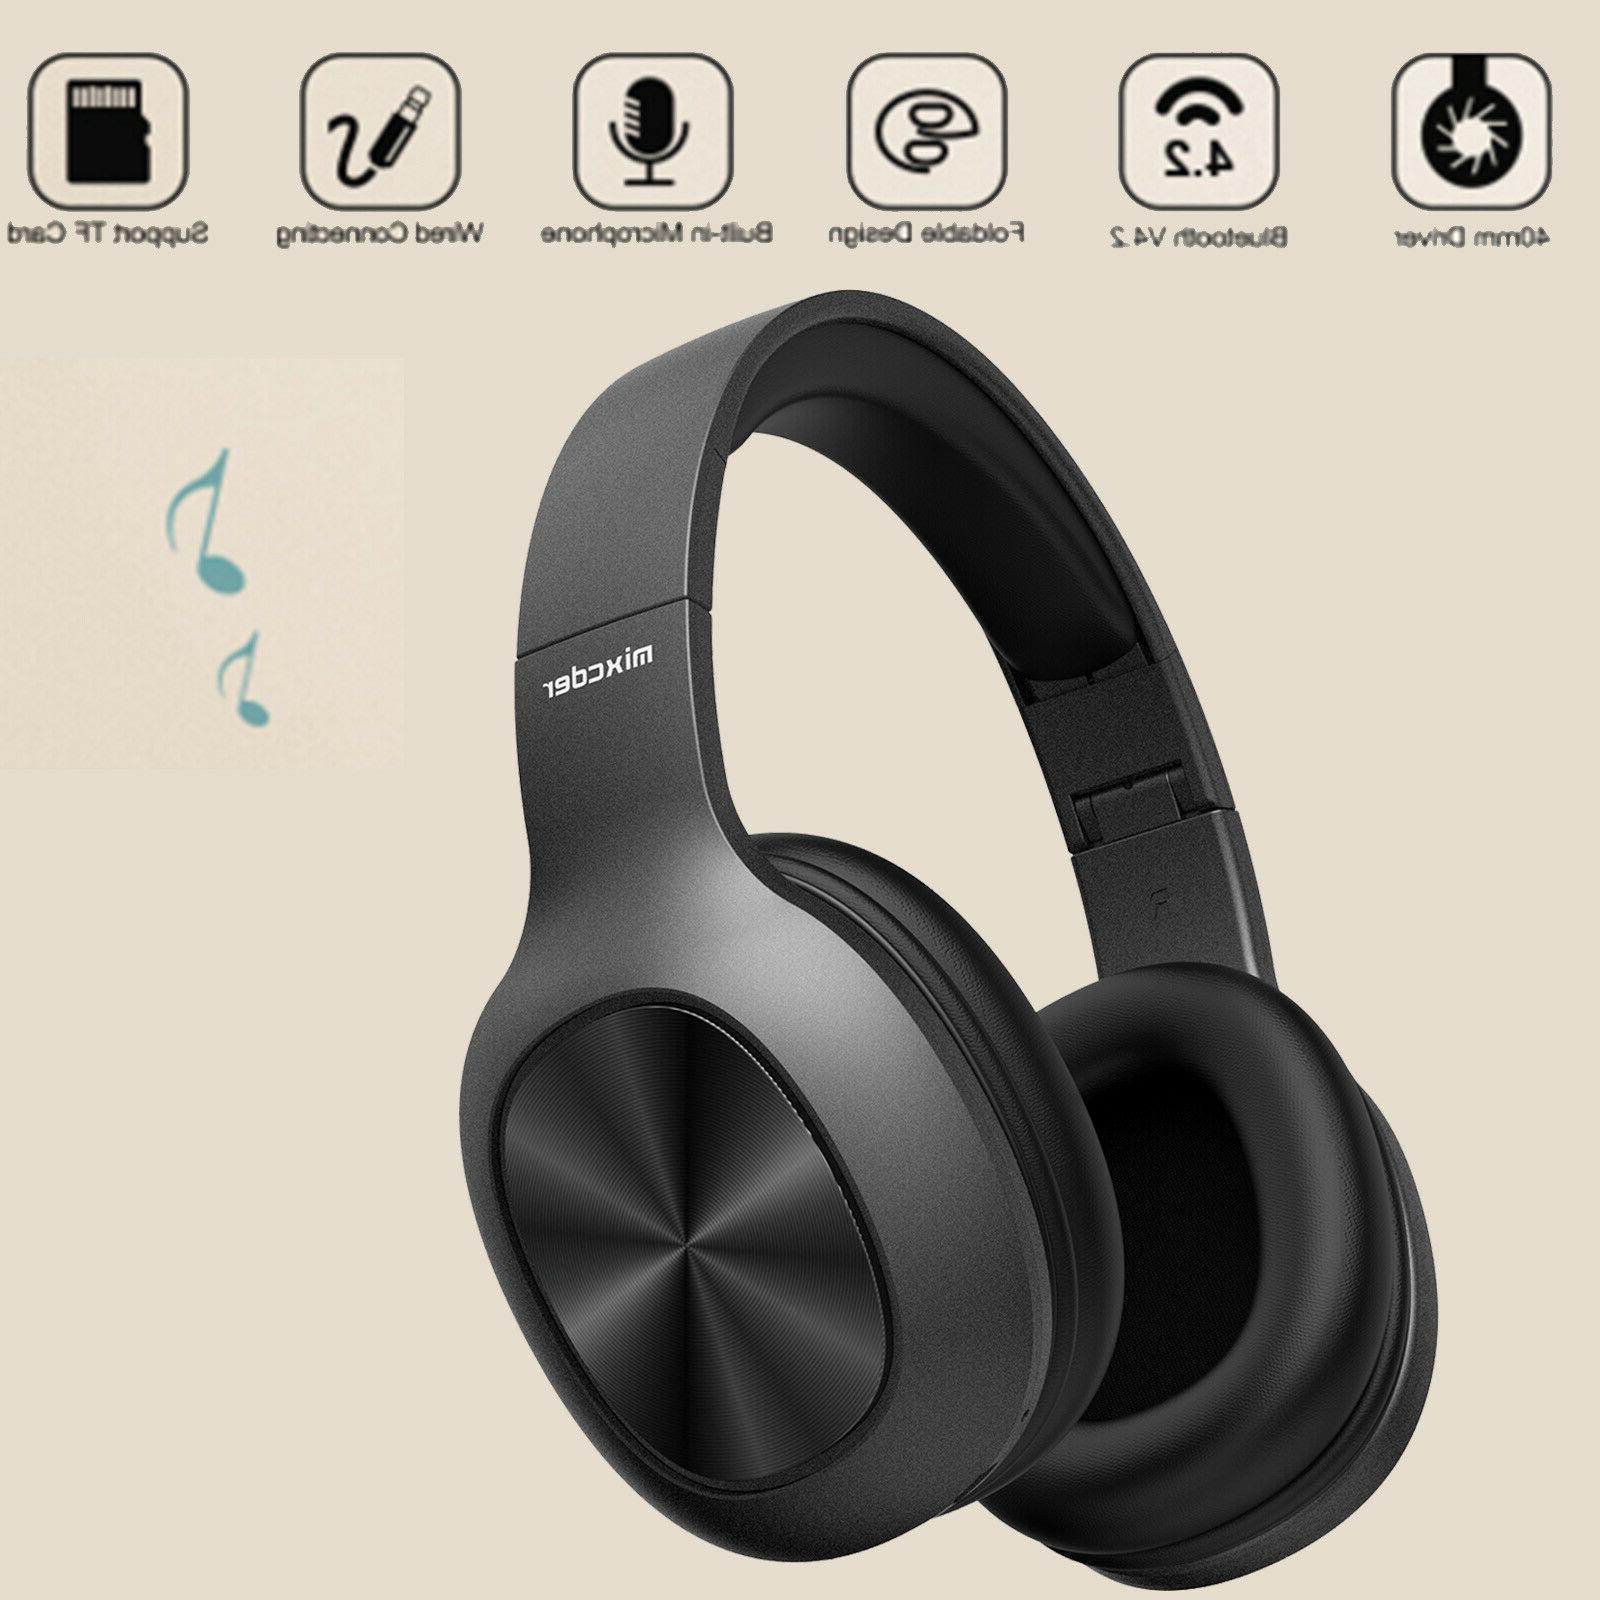 hd901 foldable bluetooth wireless headphones on ear